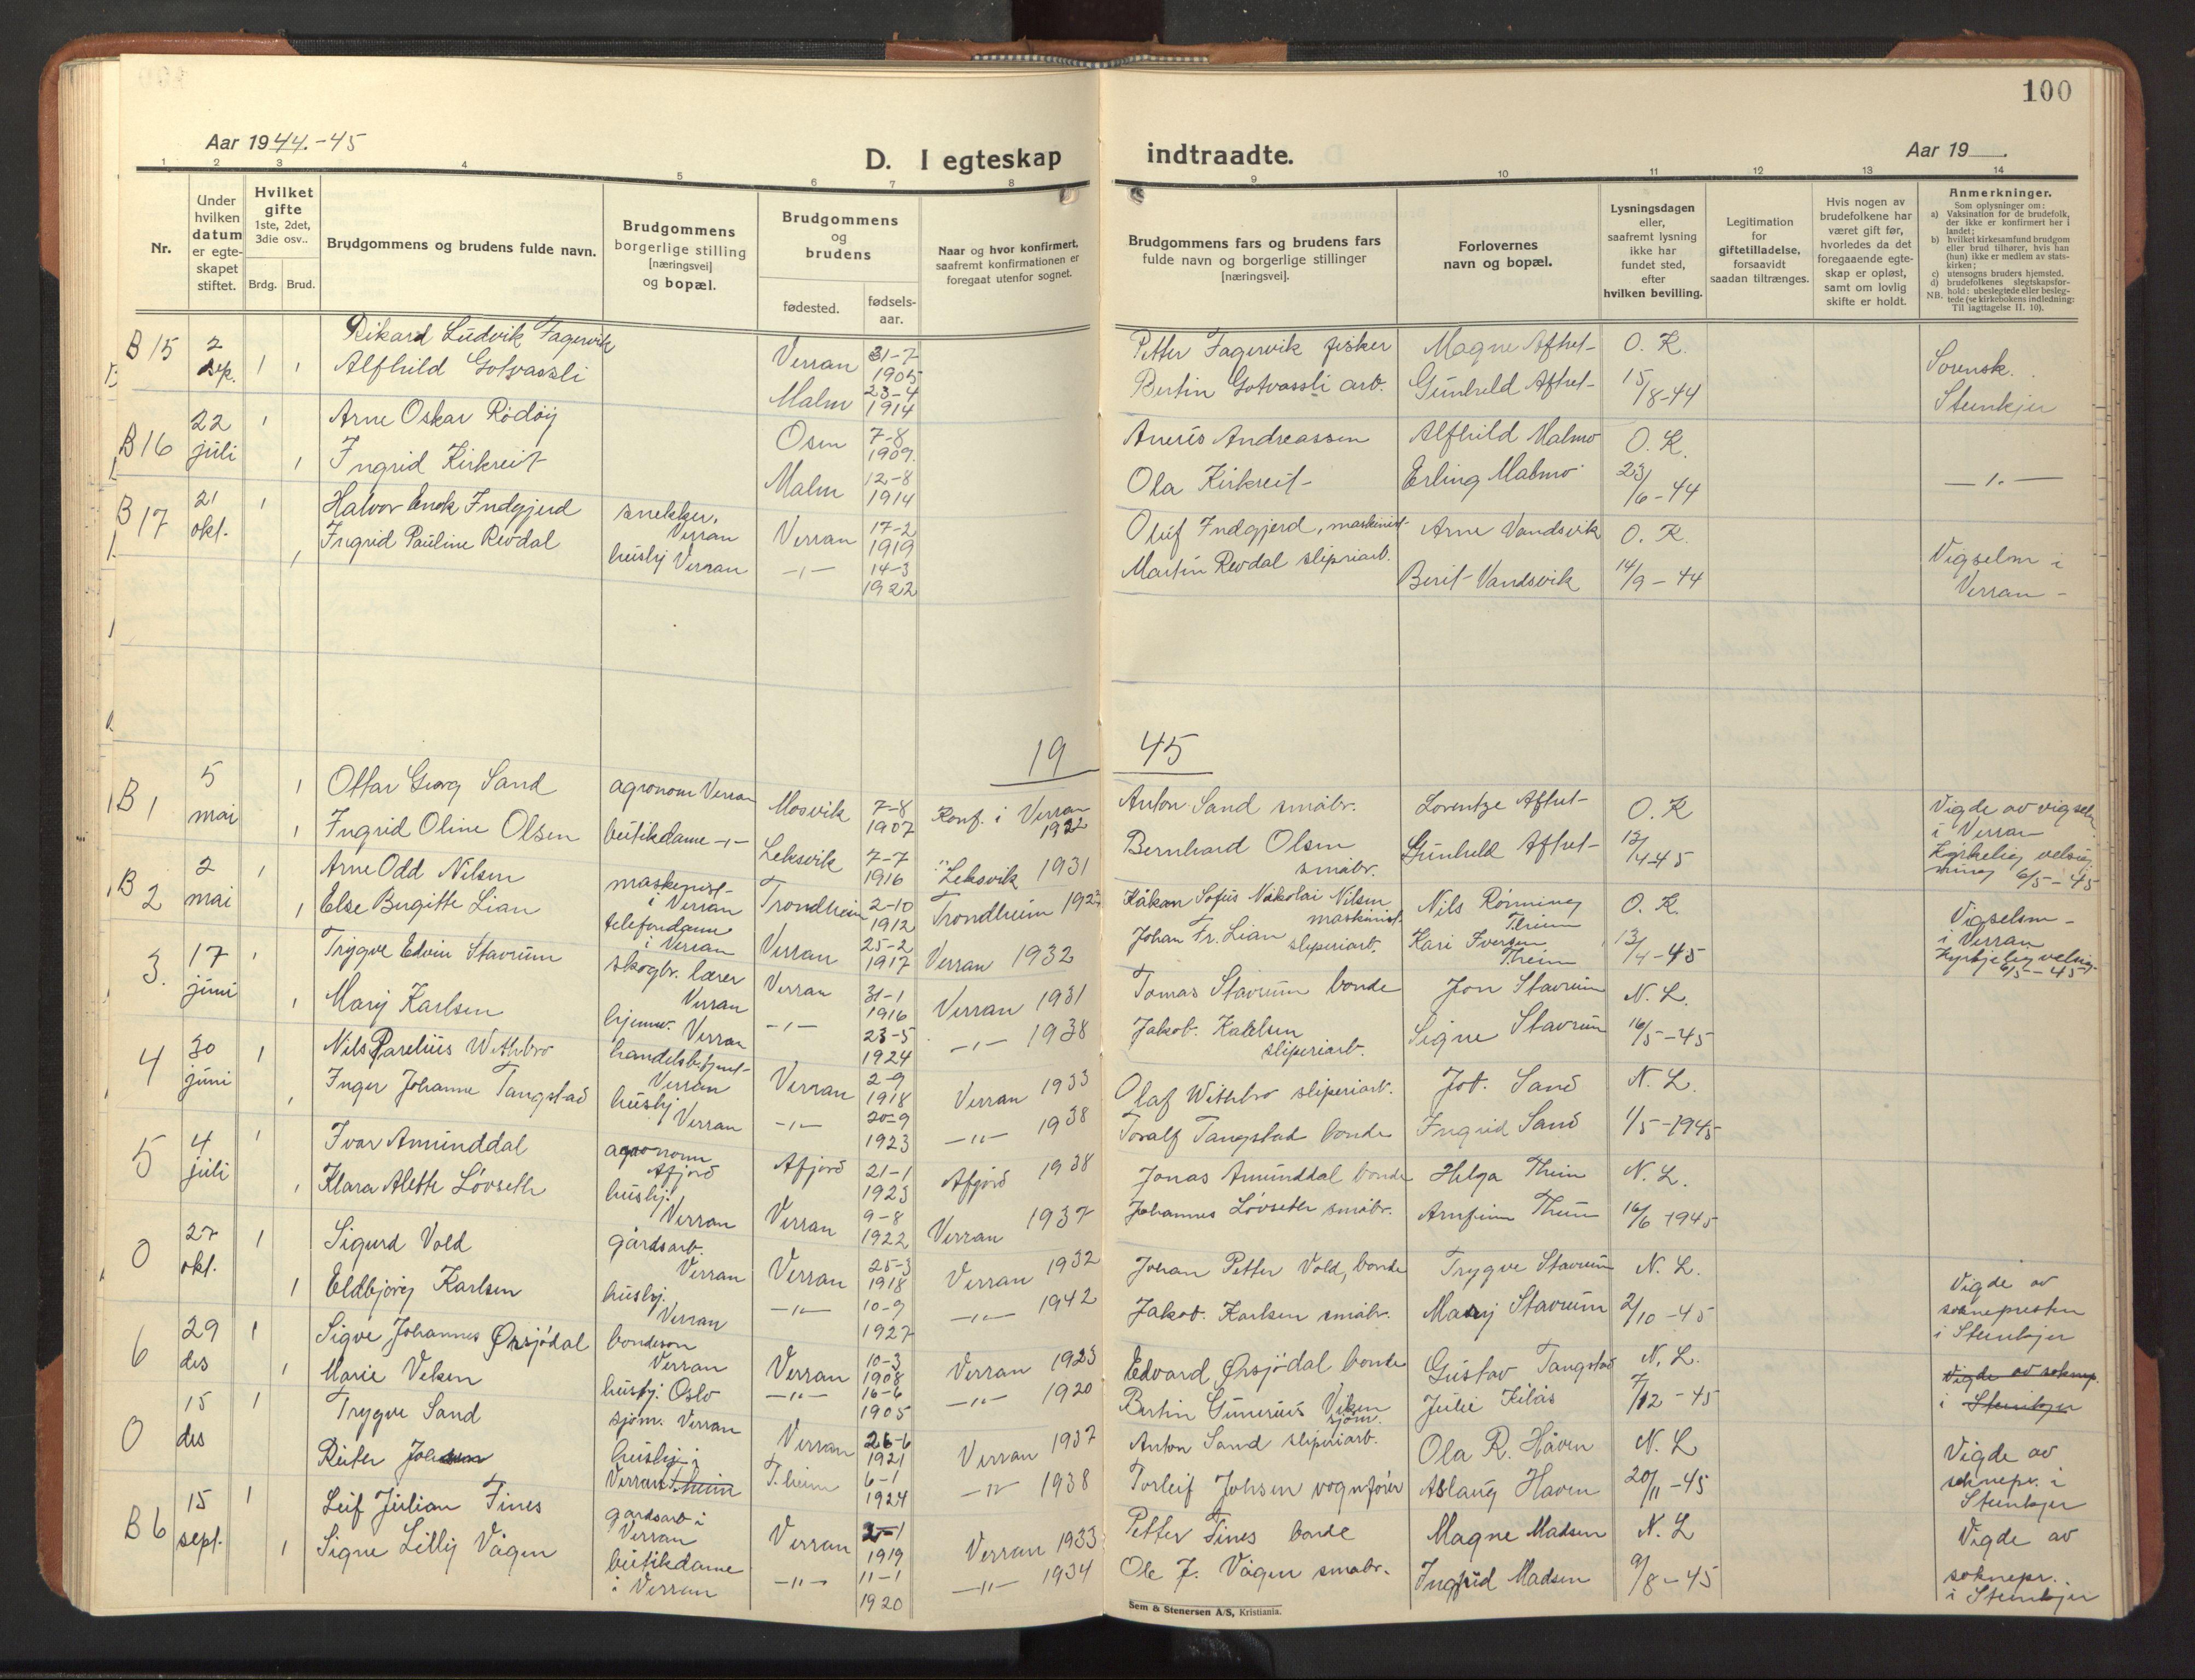 SAT, Ministerialprotokoller, klokkerbøker og fødselsregistre - Nord-Trøndelag, 744/L0425: Klokkerbok nr. 744C04, 1924-1947, s. 100